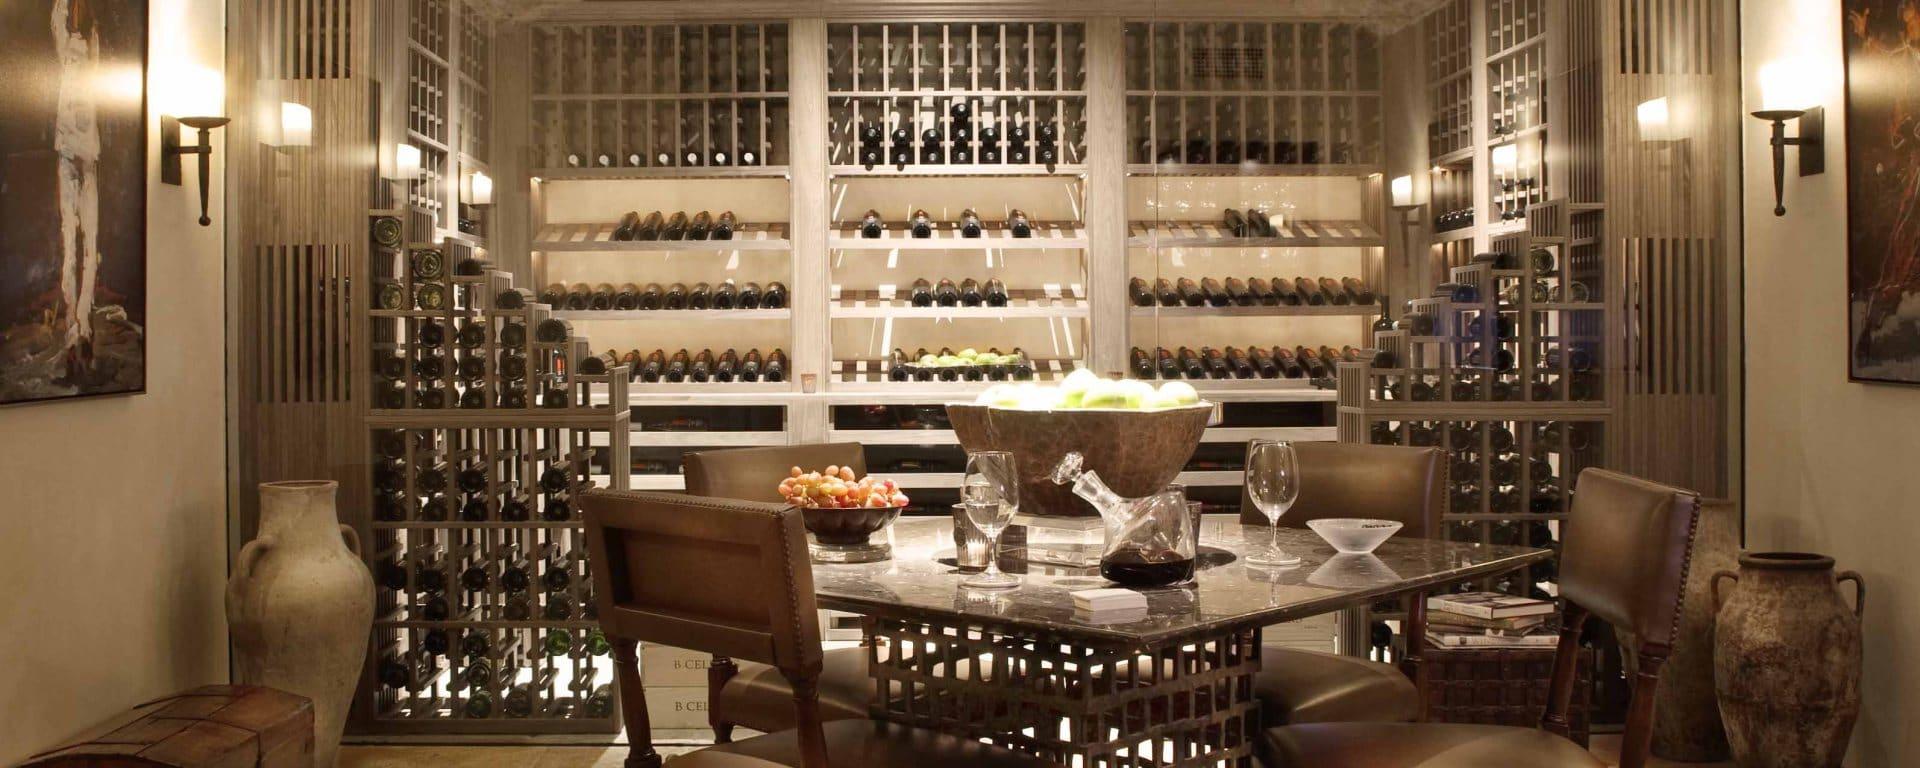 adega de vinhos moderna e luxuosa